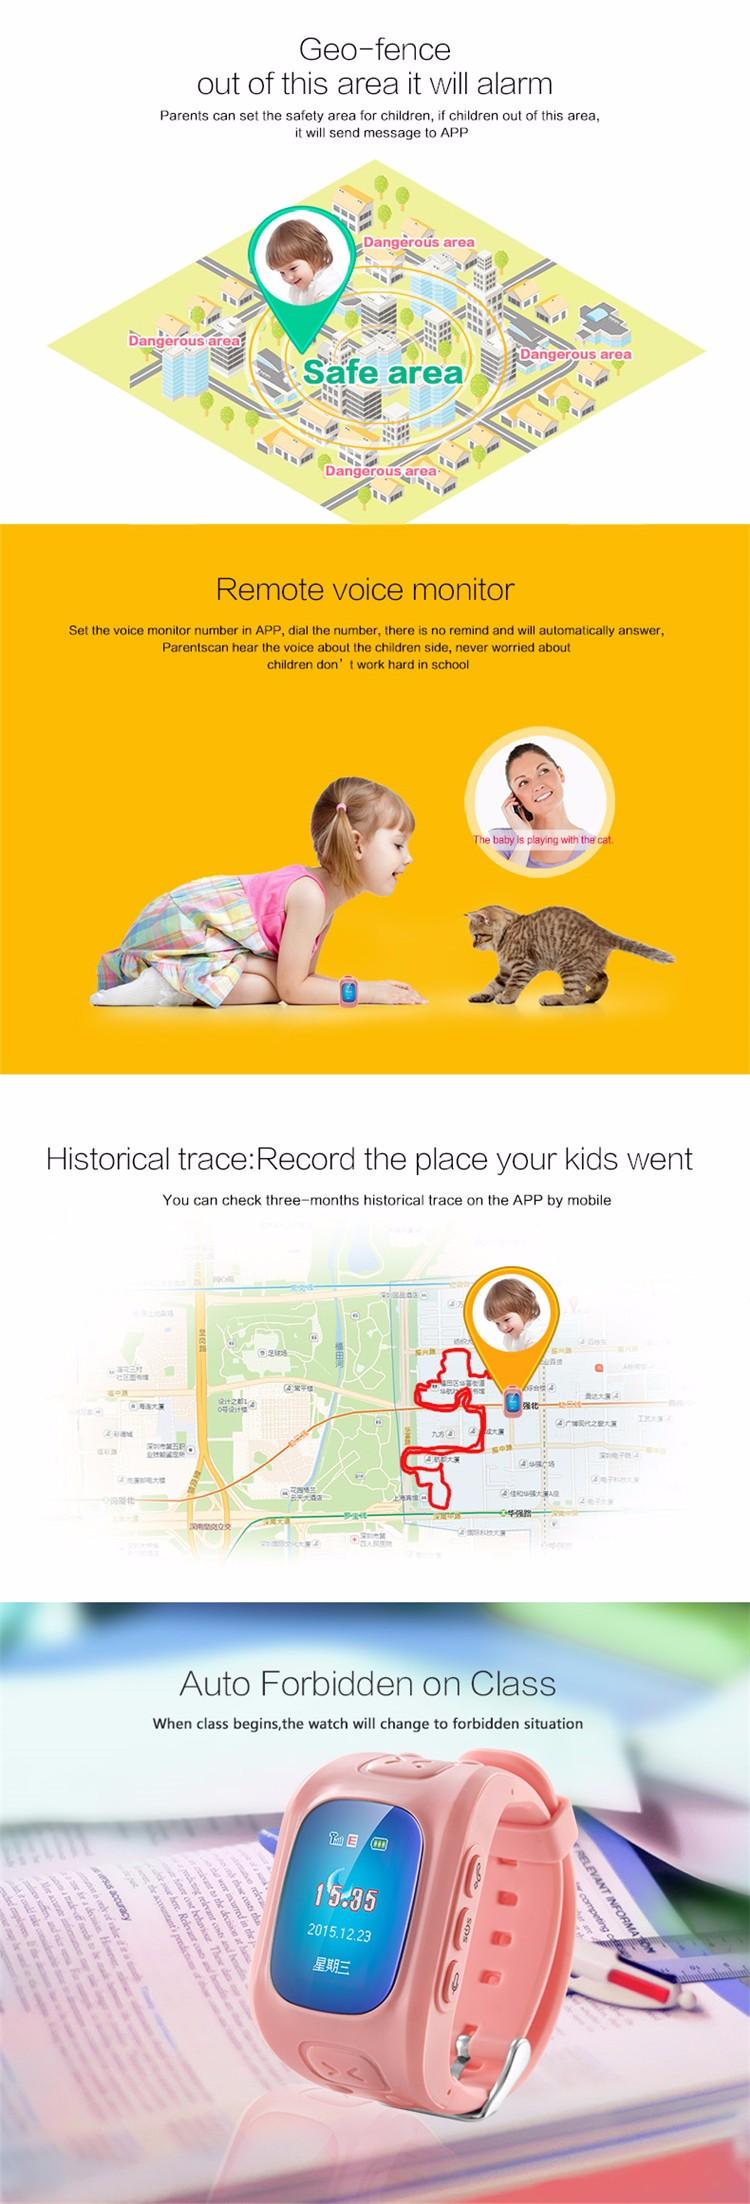 Купить 2016 Новые GPS Tracker Часы для Детей SOS Аварийного GSM Smart Watch GPS + LBS + WiFi Место Для IOS и Android Мобильного Телефона Сигнализации